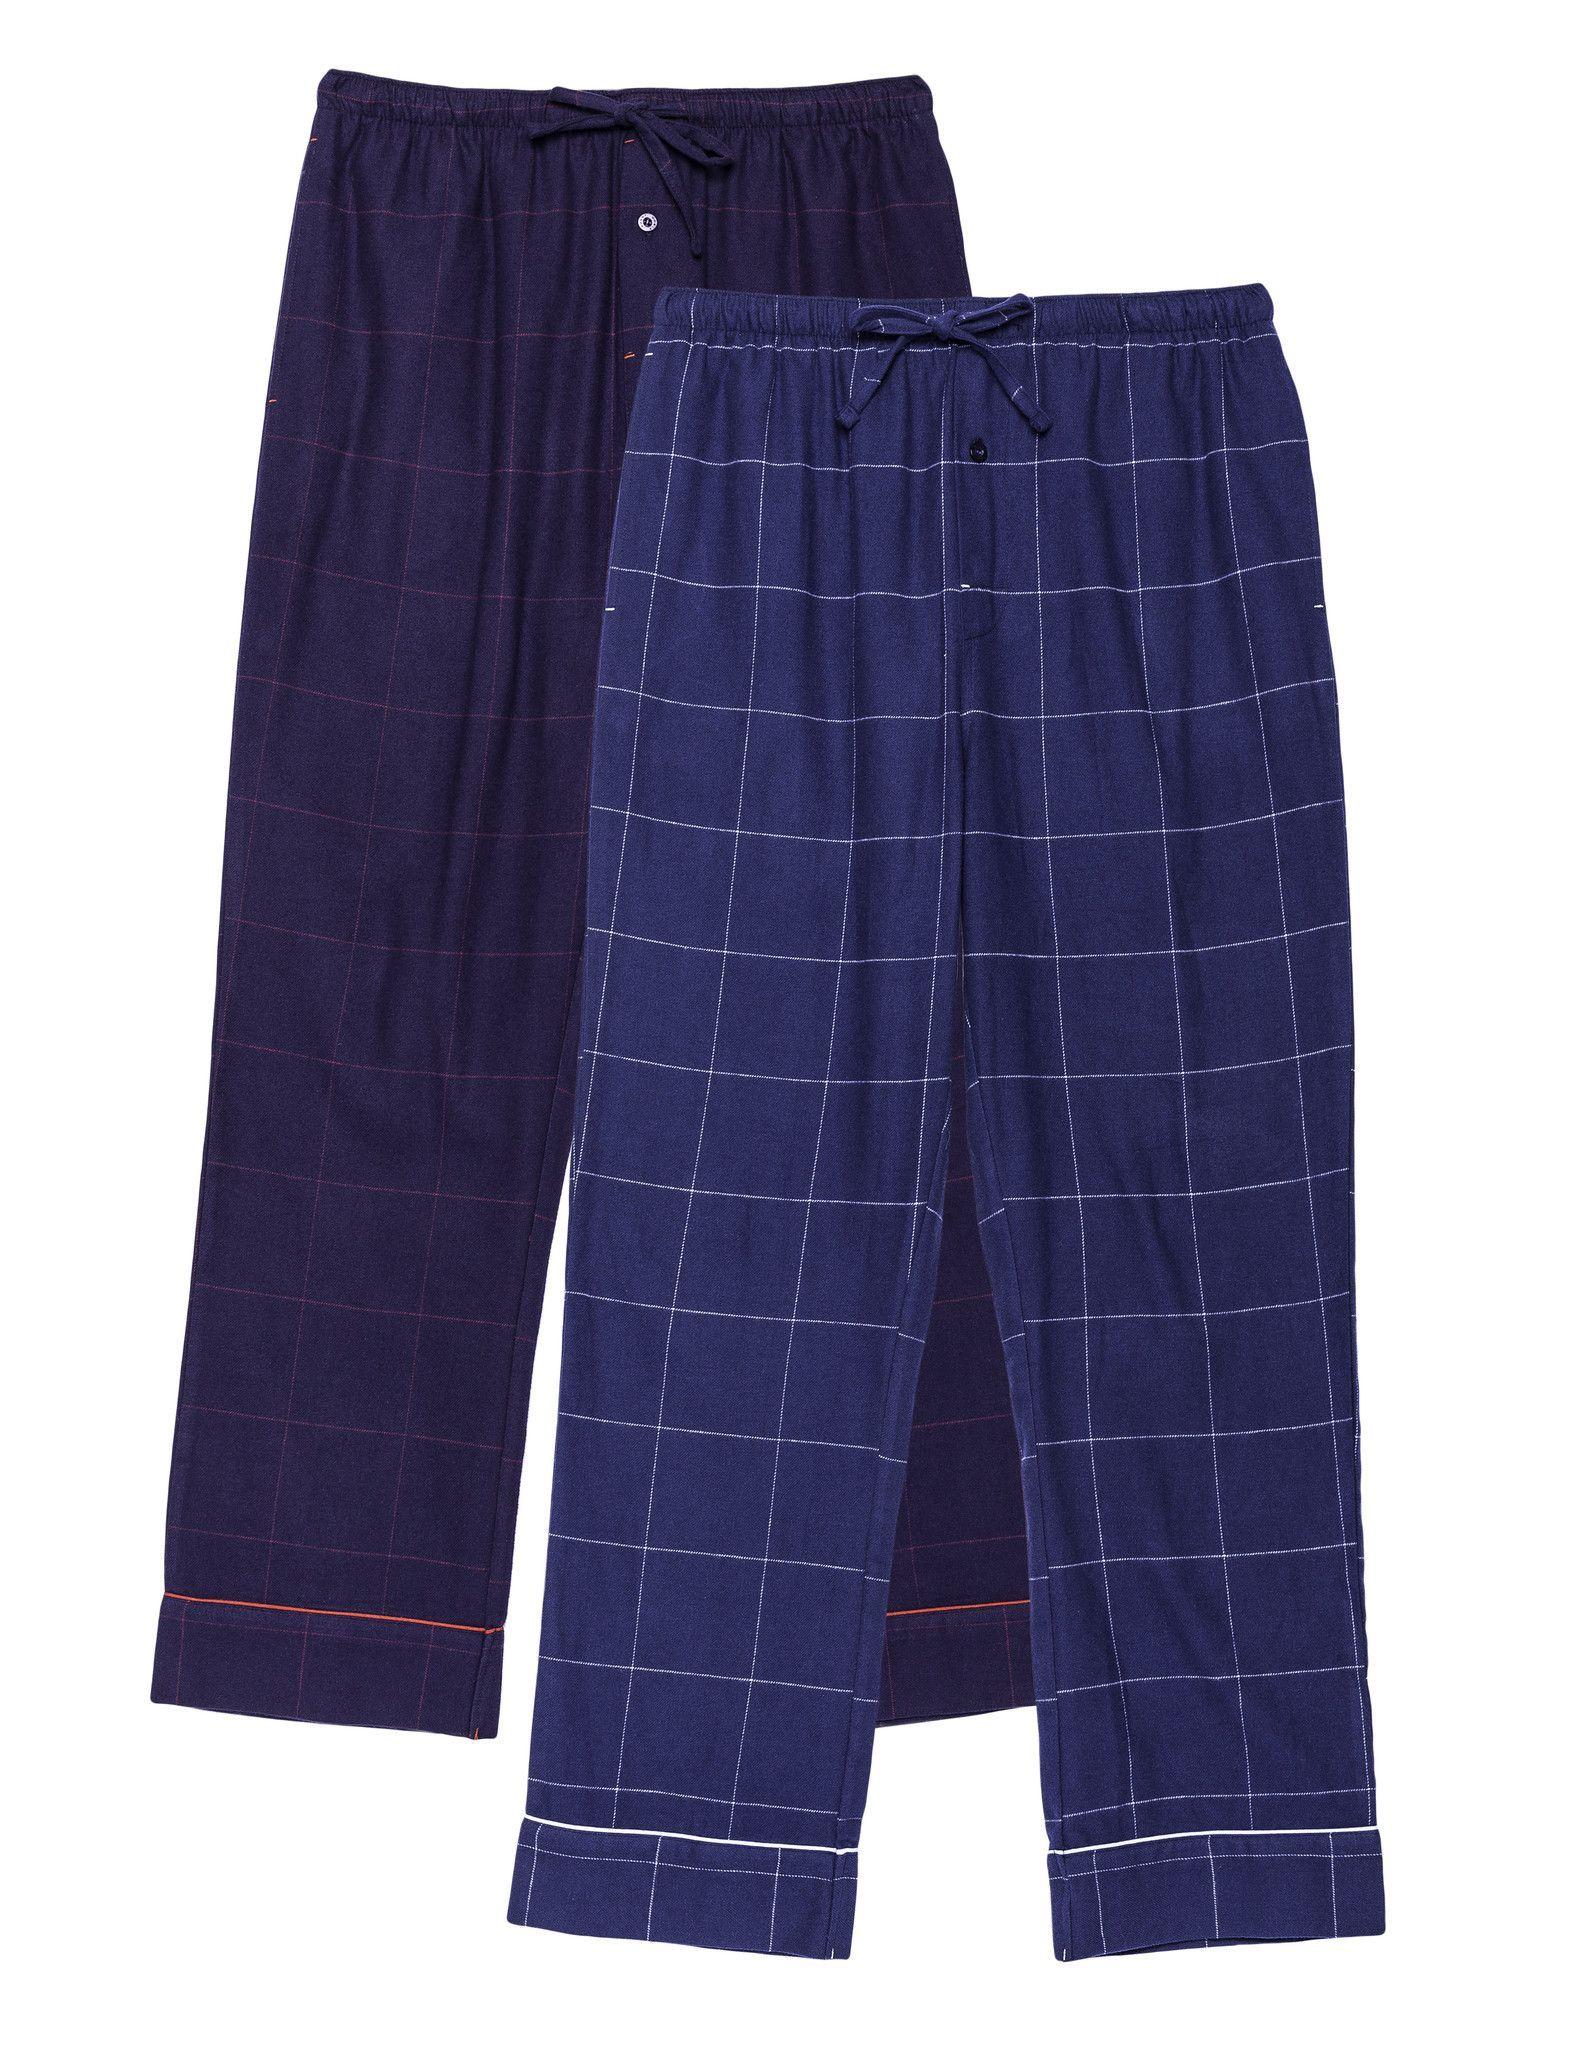 Men's 100% Cotton Flannel Lounge Pants - 2 Pack